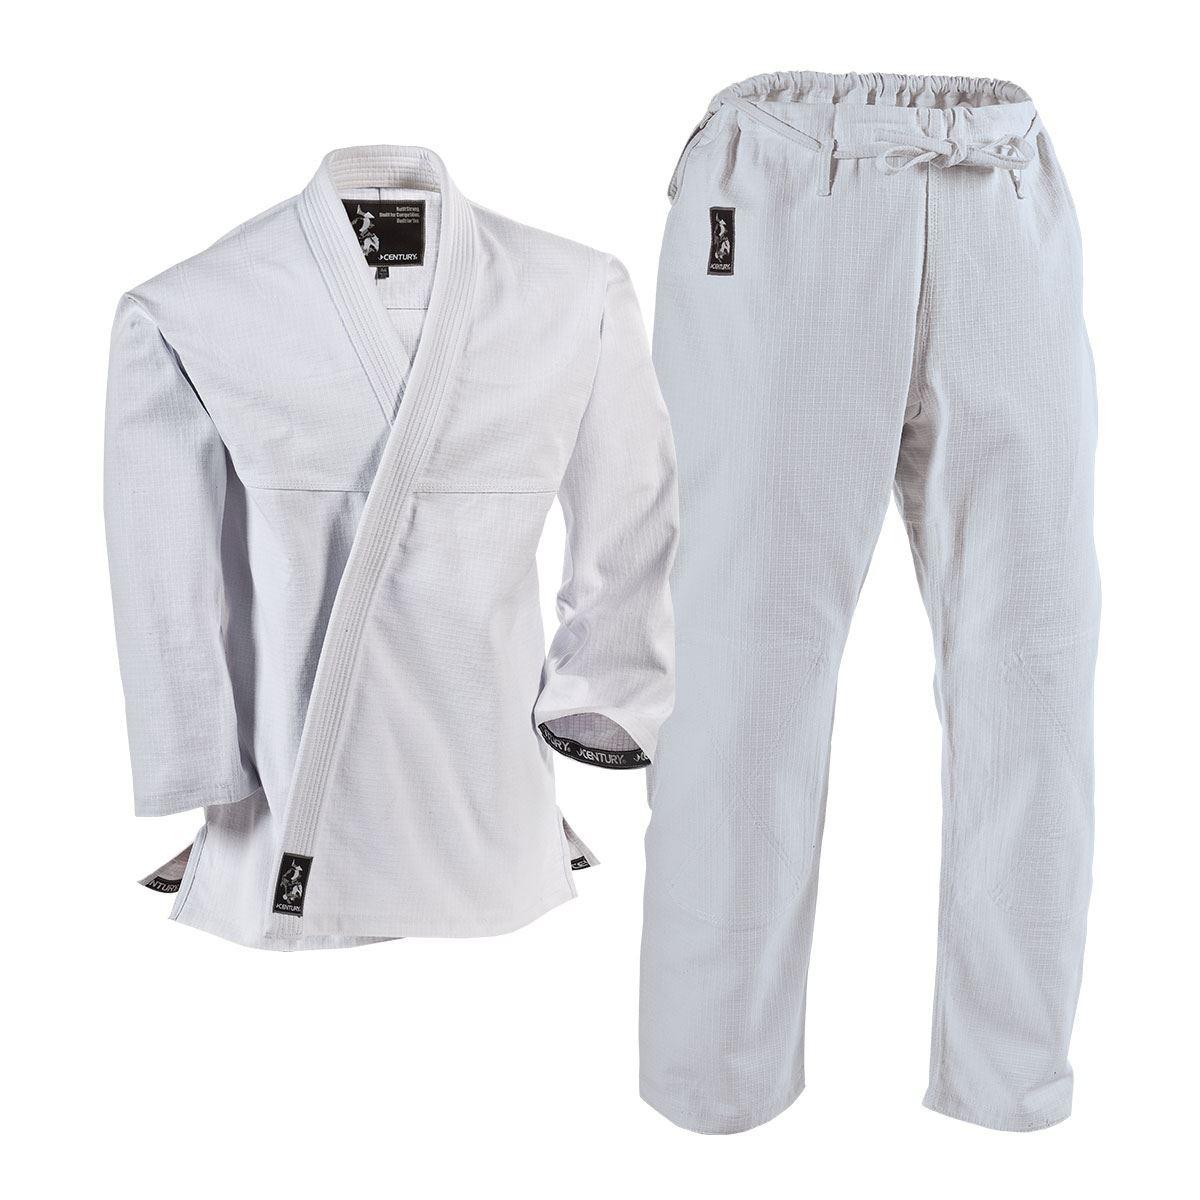 Ripstop 420 Lightweight Brazilian Fit Jiu-Jitsu Gi